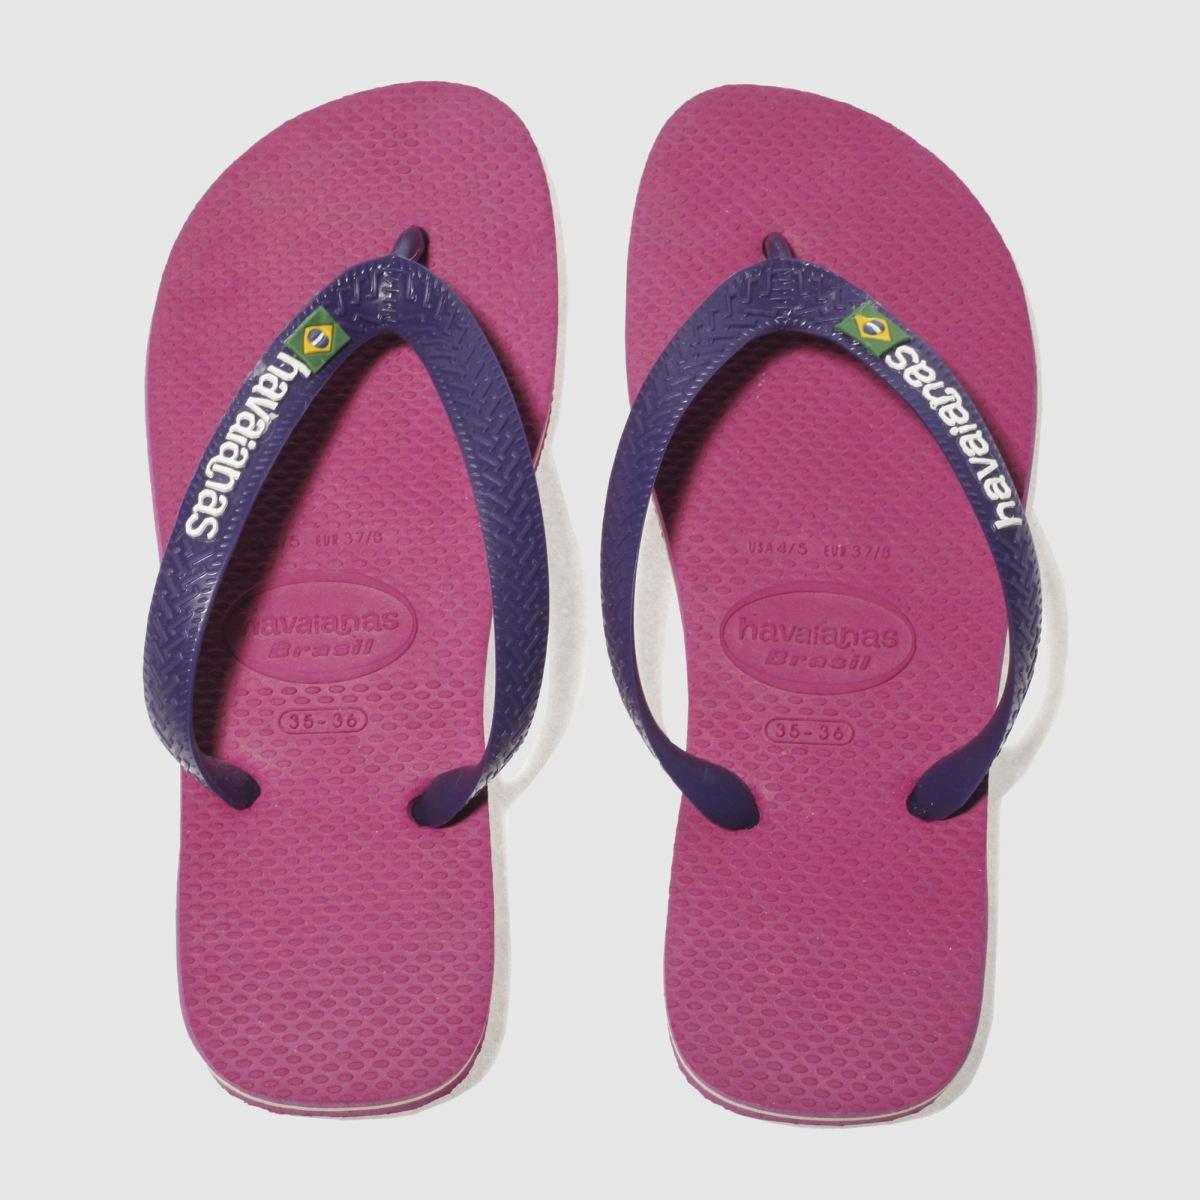 havaianas pink brasil logo sandals